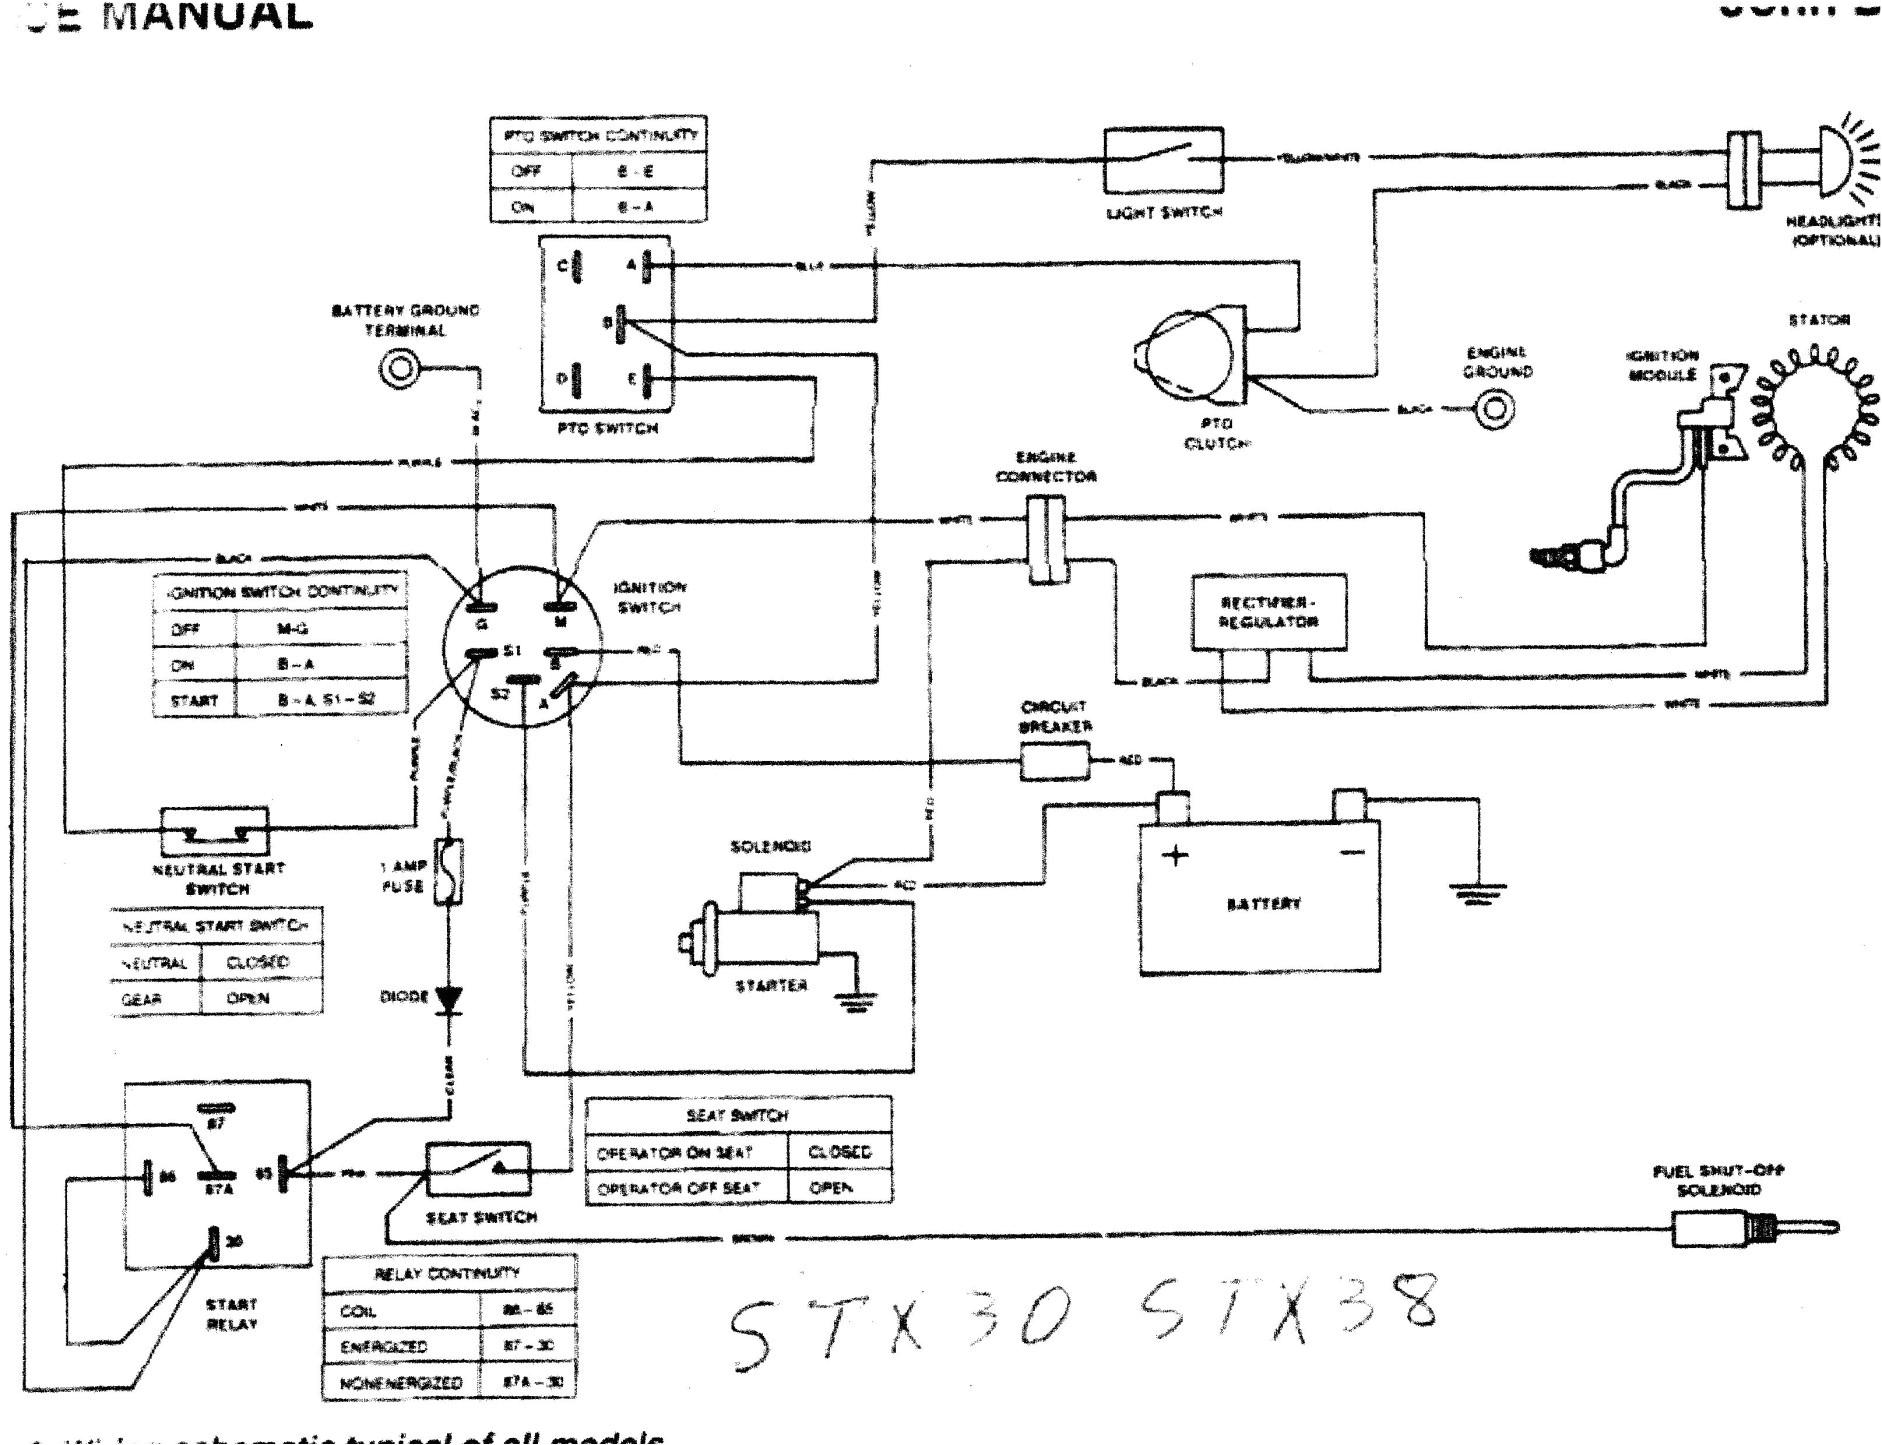 john deere stx38 wiring schematic john deere gator wiring diagram on wiring diagram john deere stx38 rh 45 76 62 56 4c on john deere d130 wiring diagram jpg